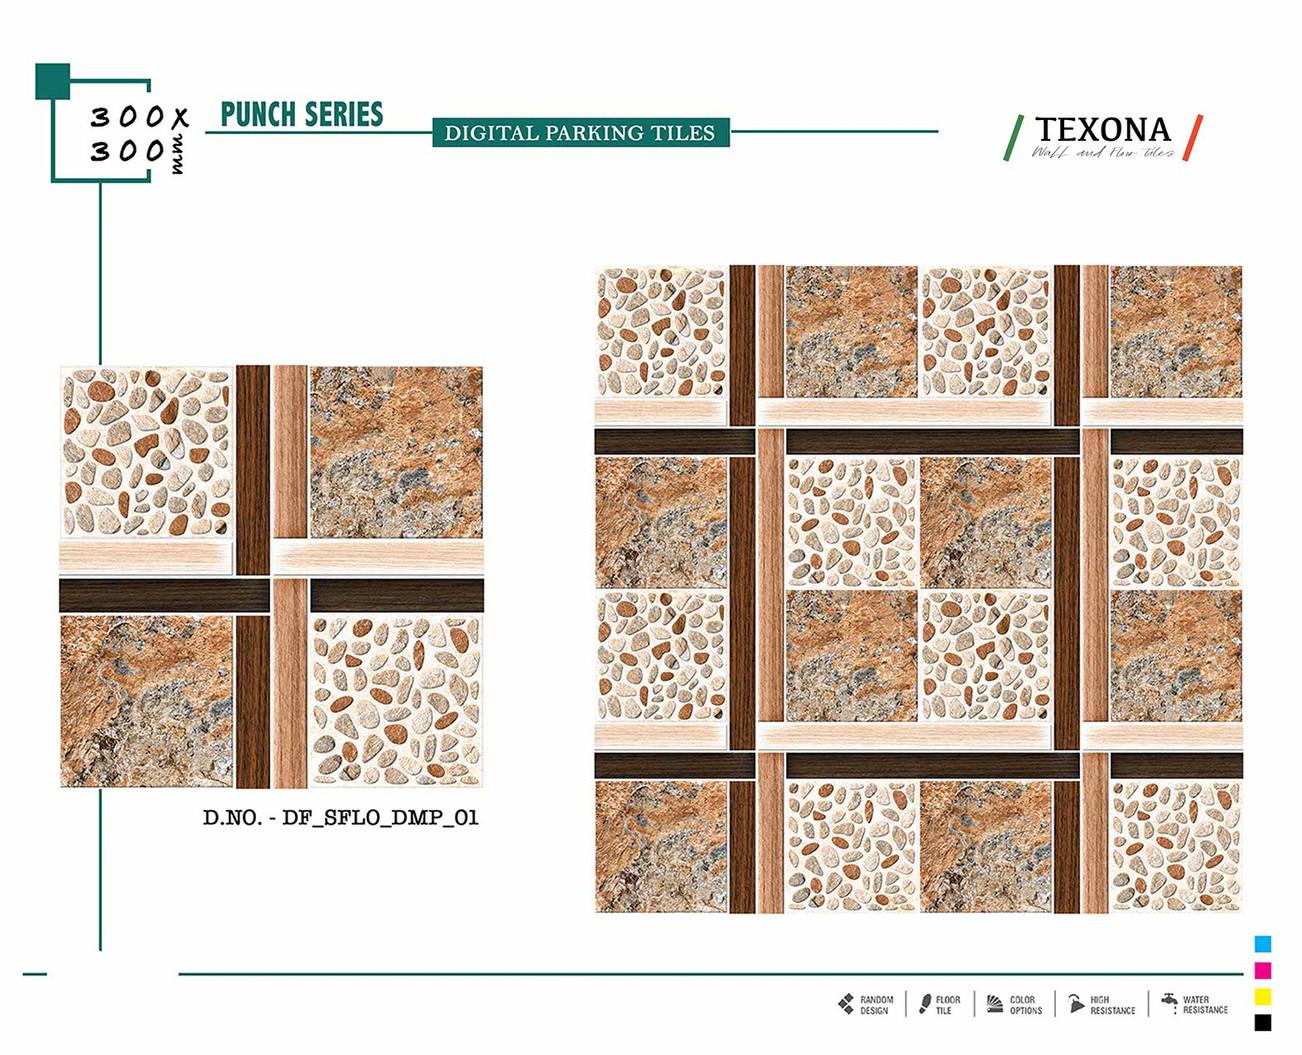 12X12 PARKING VOL.3_Page_12_Image_0001.j